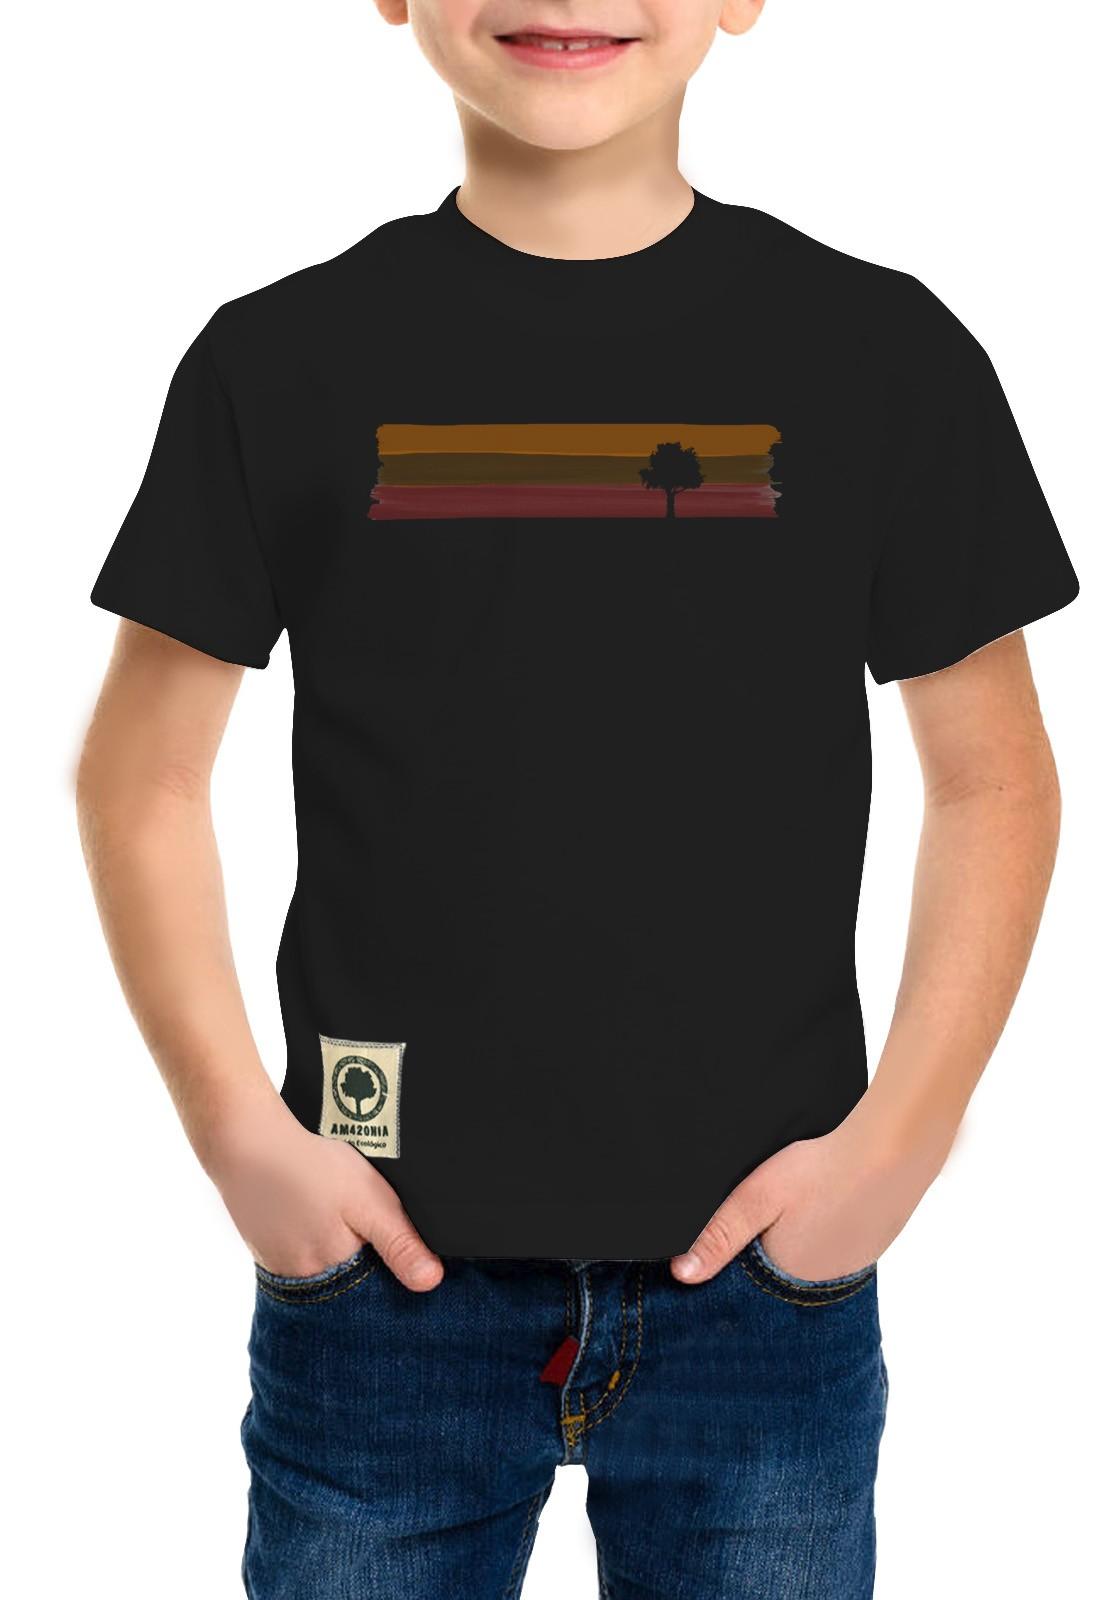 Camiseta Amazônia Infantil Listras de Tinta - Preto